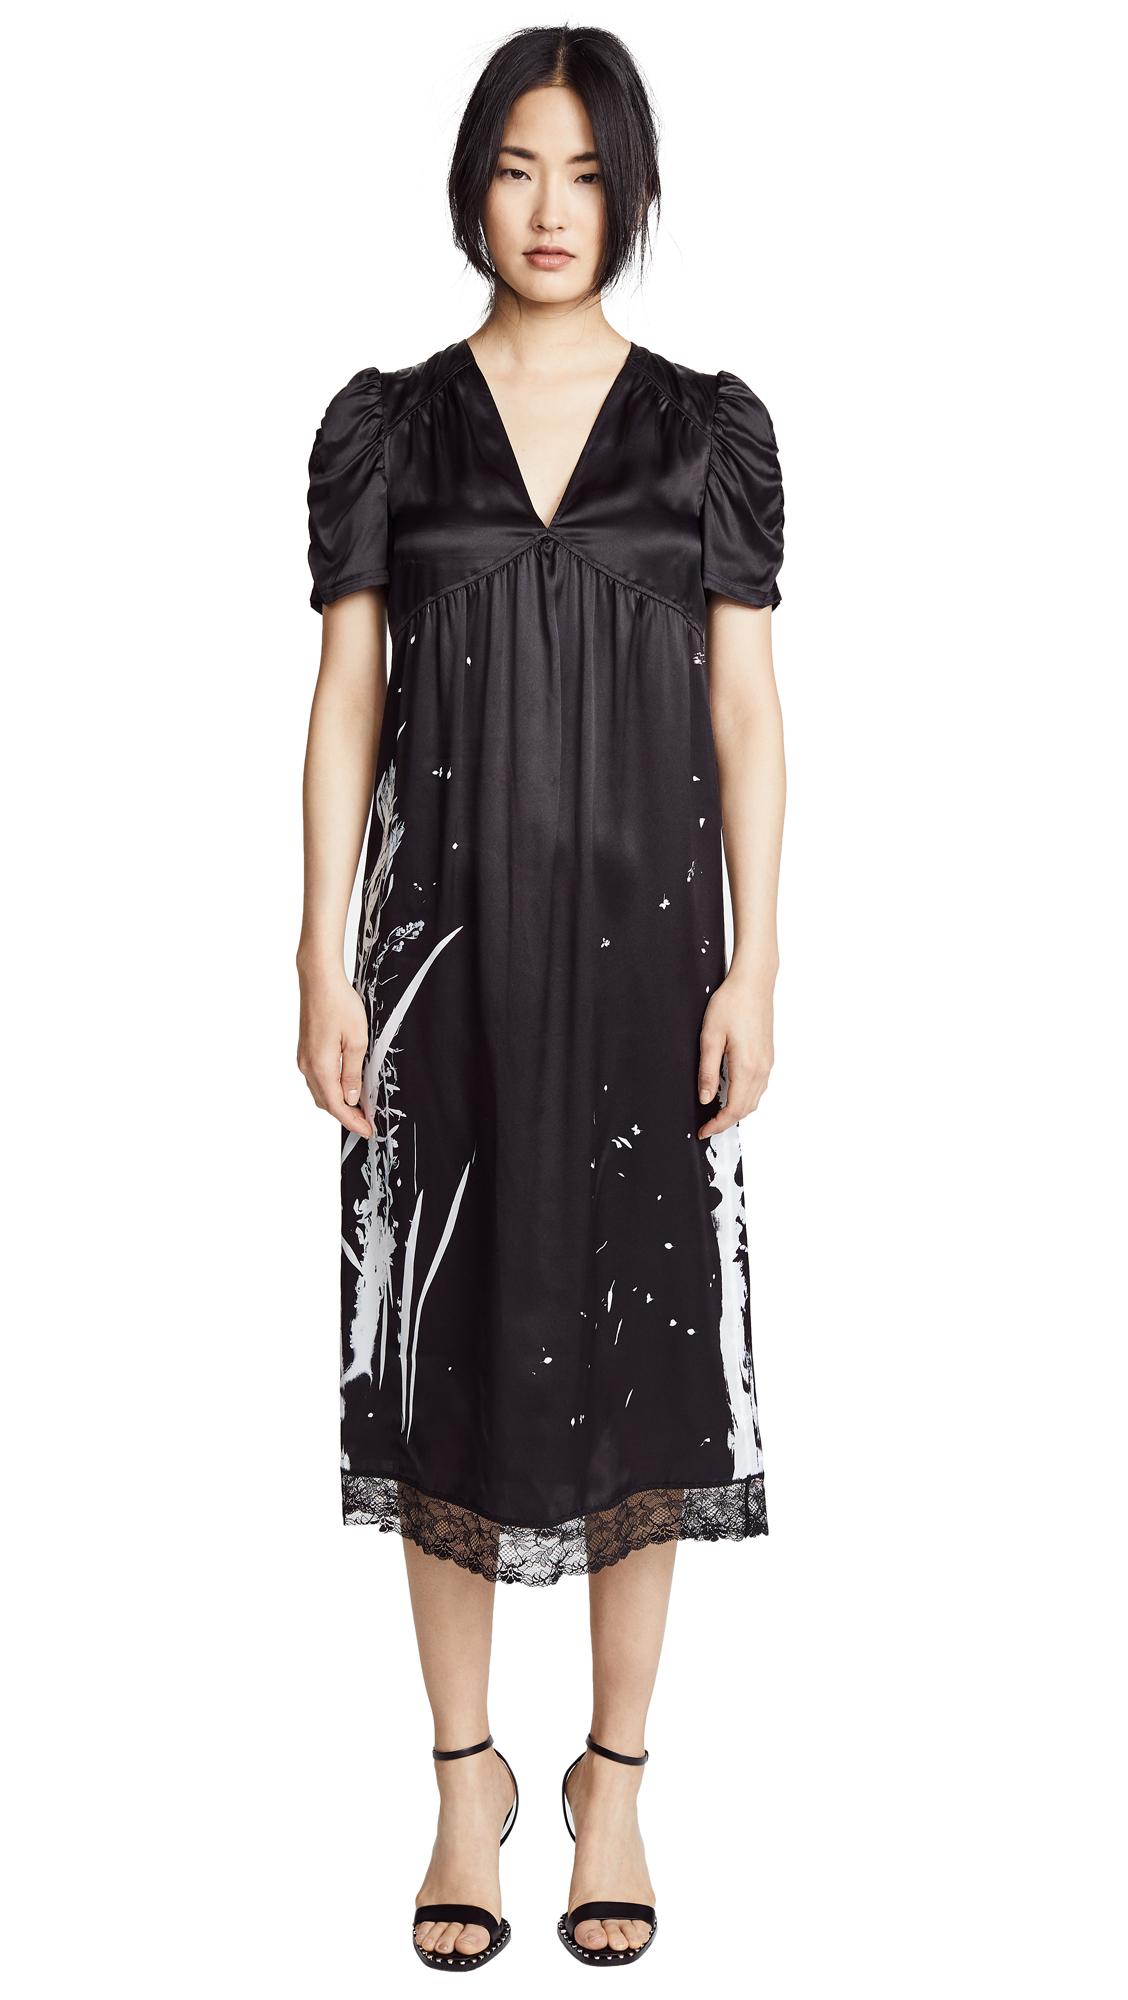 McQ - Alexander McQueen Puff Sleeve Dress